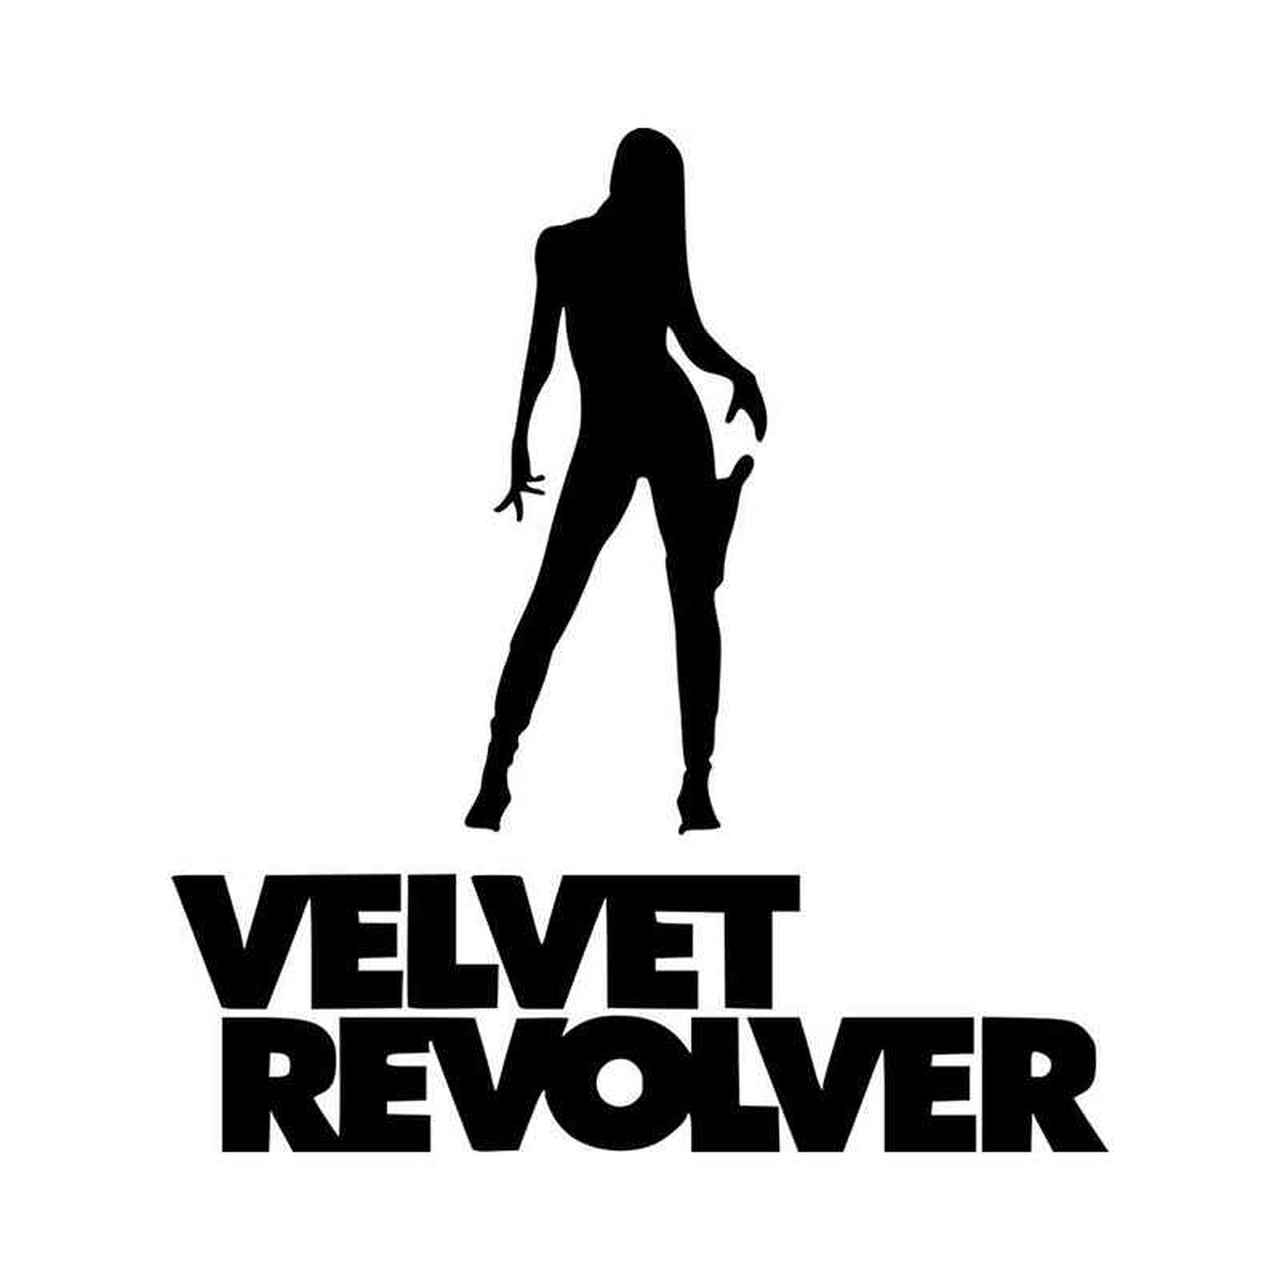 Velvet Revolver Vinyl Decal Sticker.